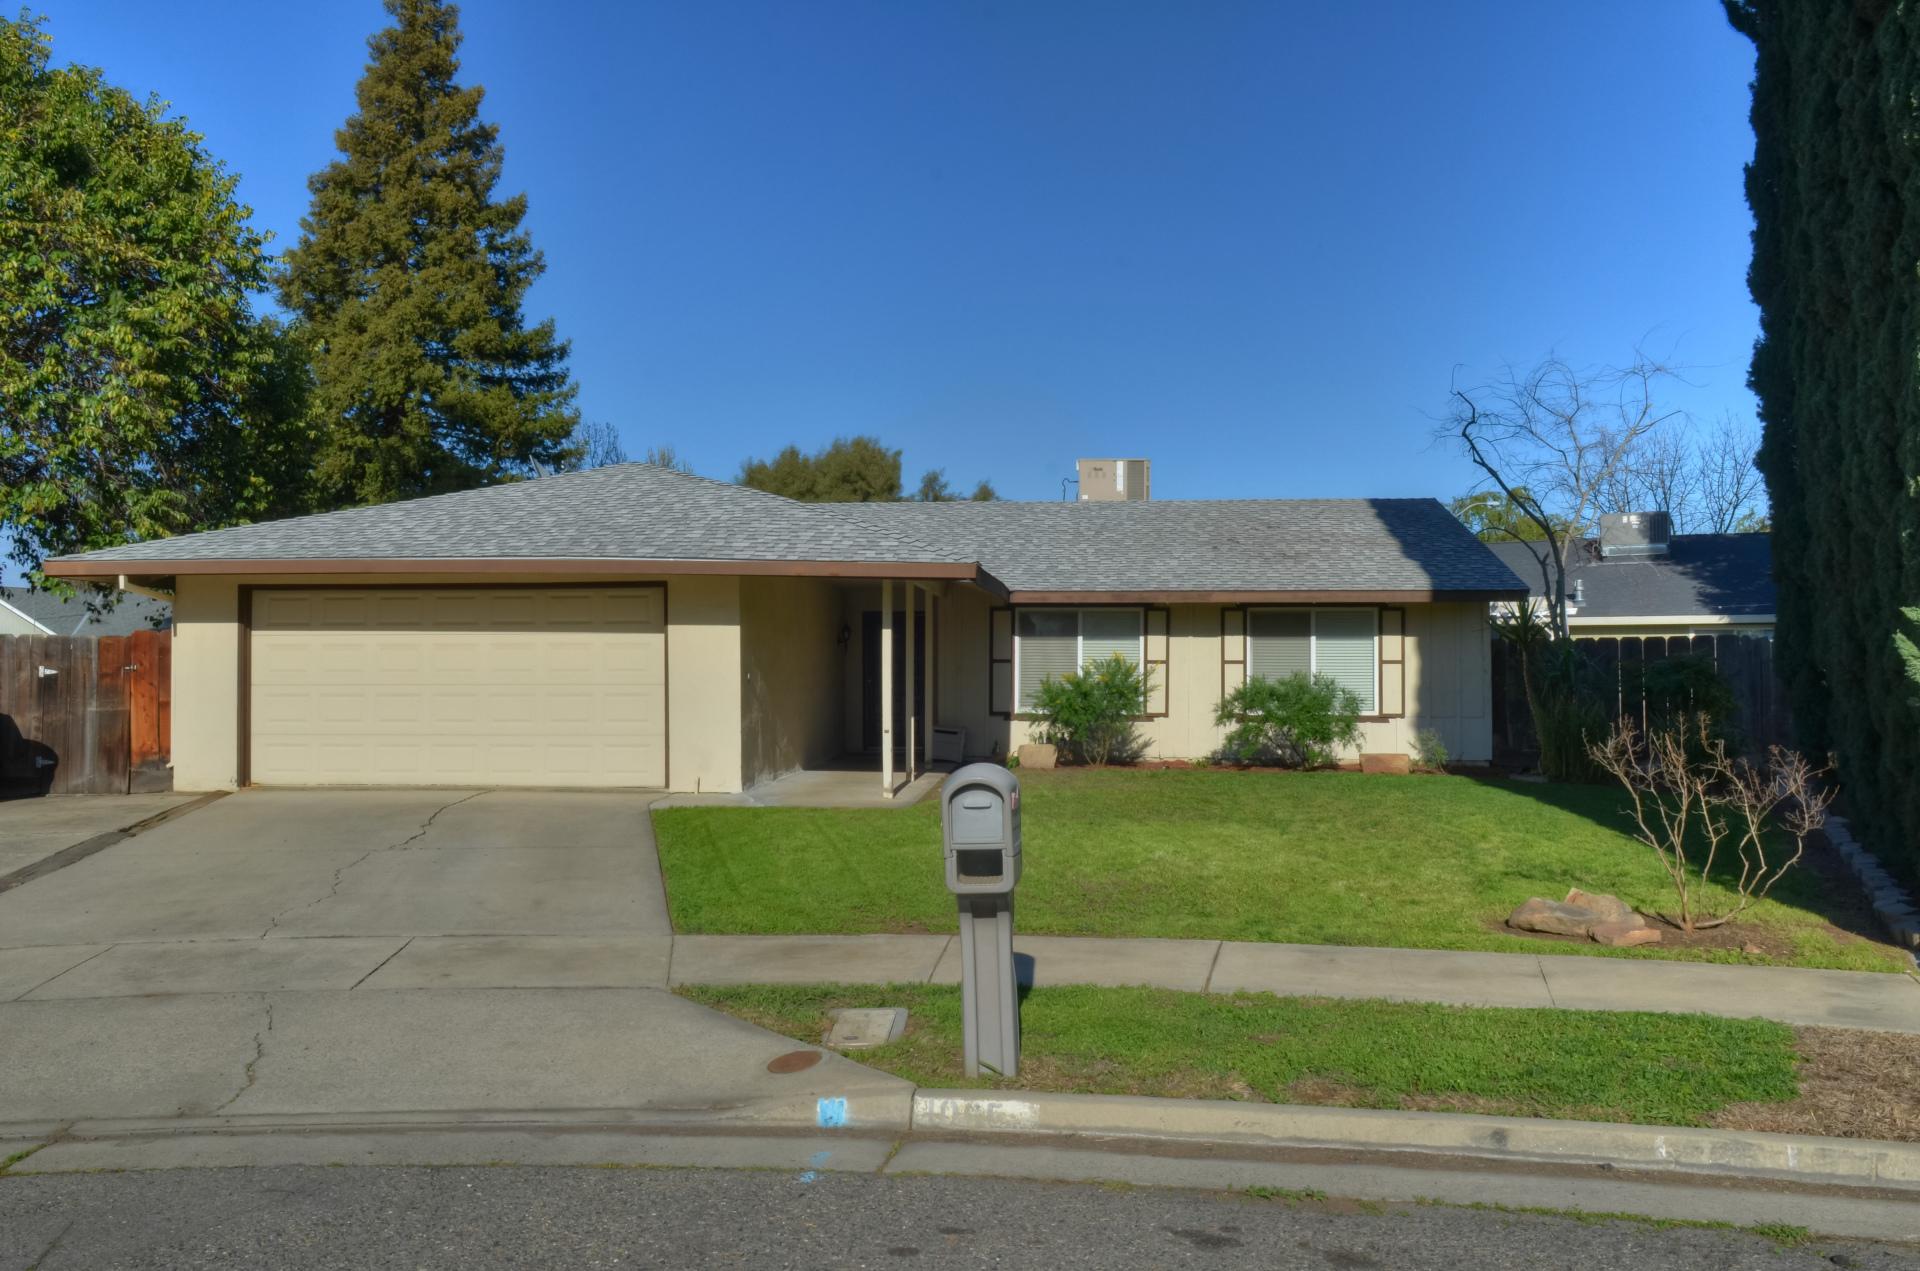 1065 Half Dome Ct. Merced, Ca 95340